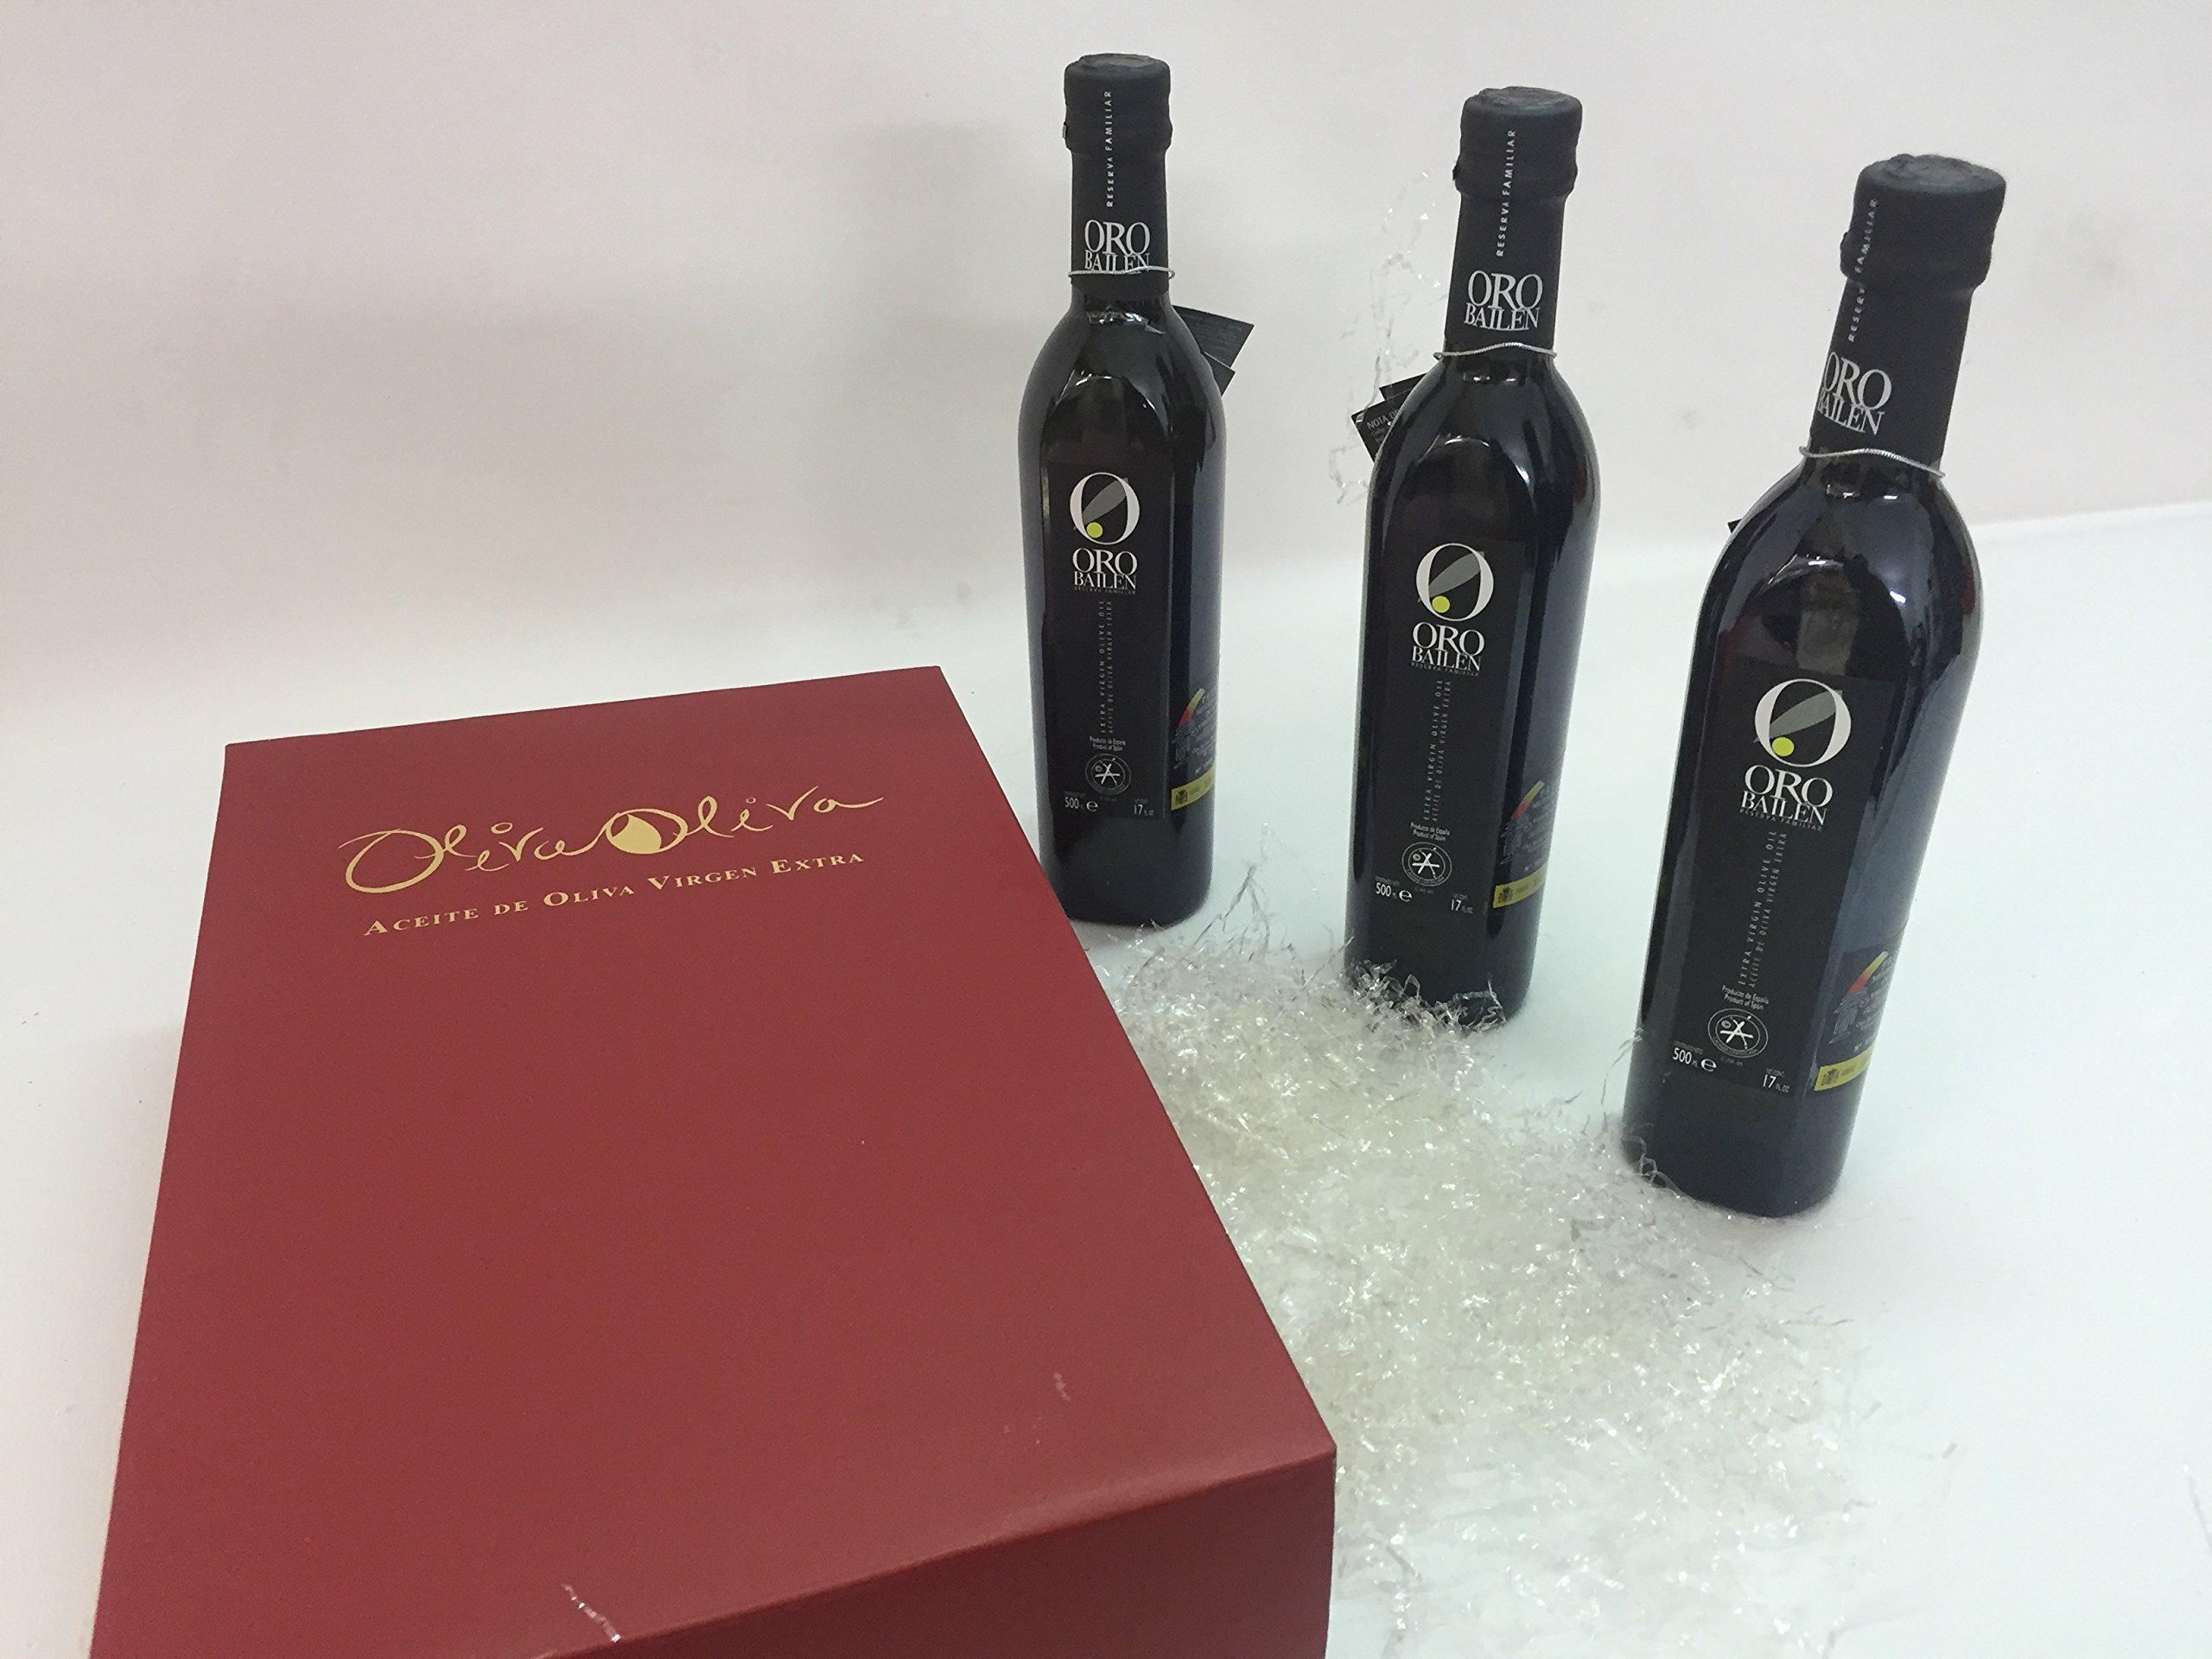 3 bottles Oro Bailen Family Reserve - Extra Virgin Olive Oil, New Harvest 2017, 17-Ounce / 500 ml by Oro Bailen (Image #2)